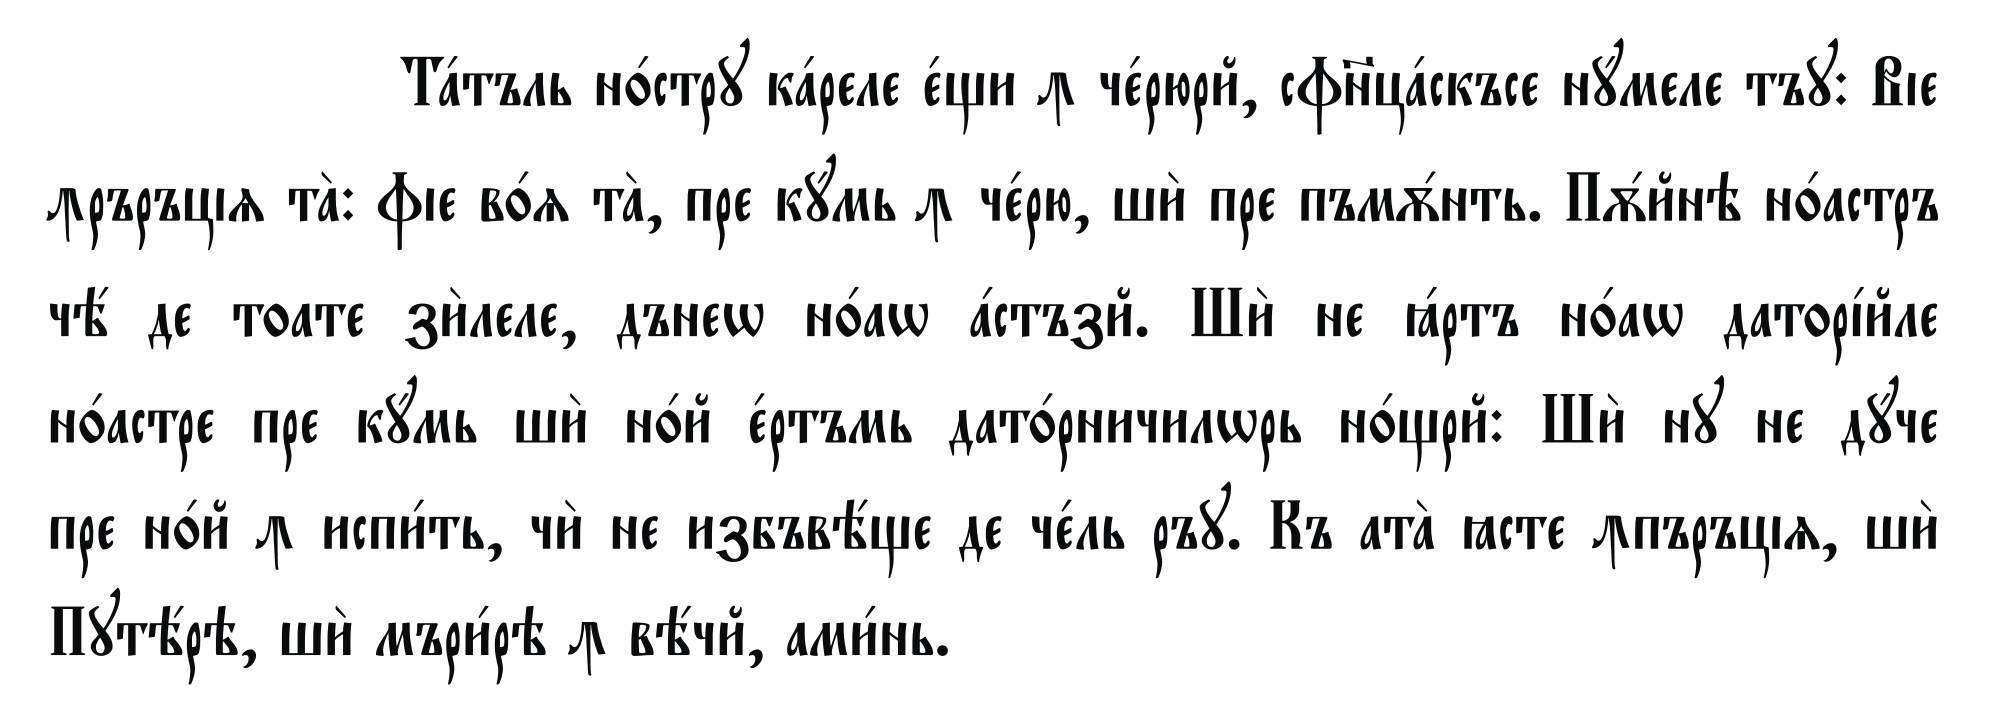 Apprendre L'Alphabet Cyrillique Pour Écrire Le Russe concernant Apprendre A Ecrire L Alphabet